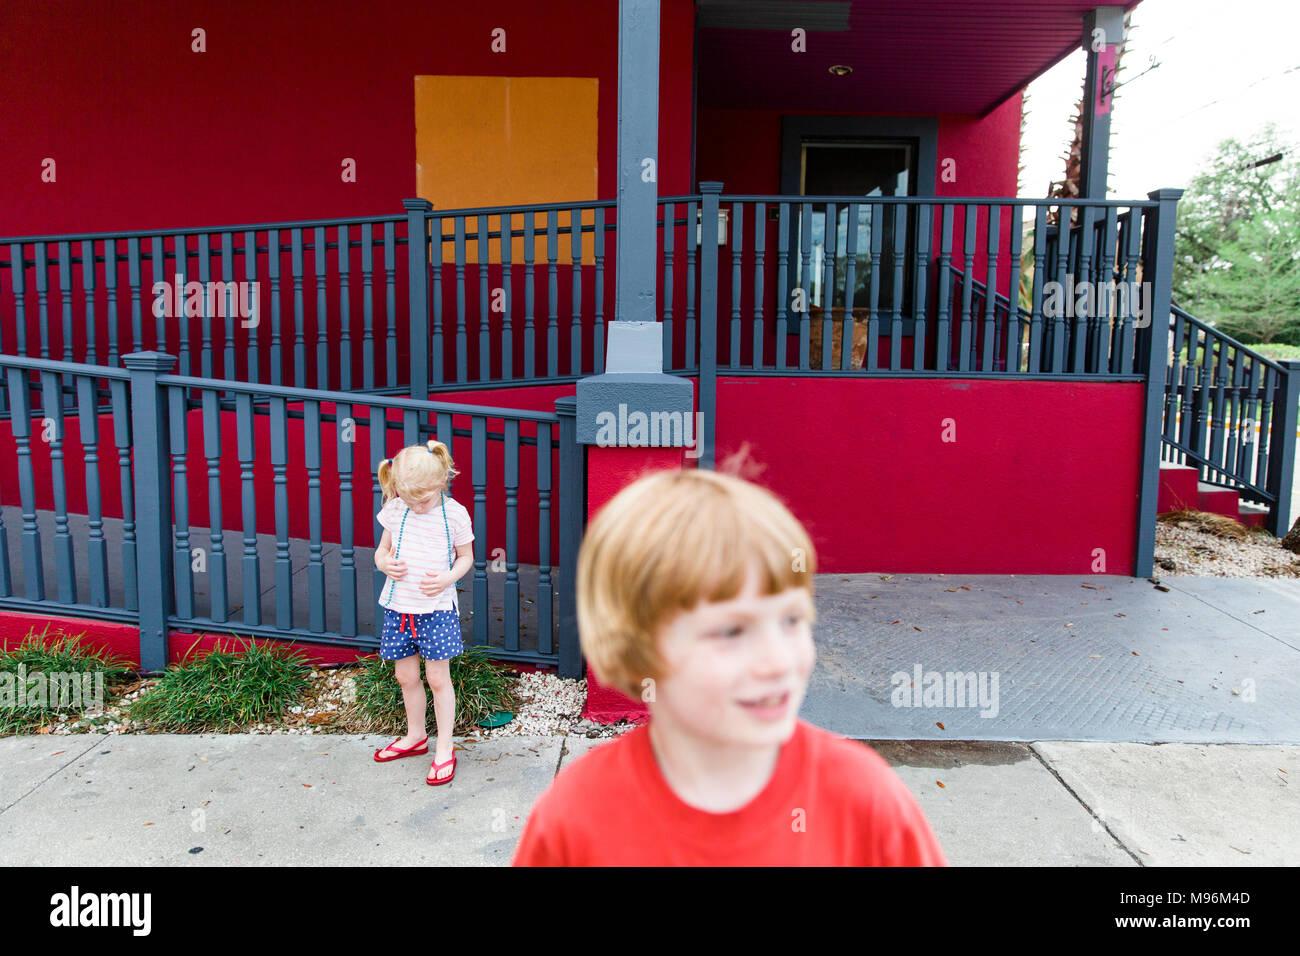 Frère et Sœur à l'extérieur du bâtiment rouge Photo Stock